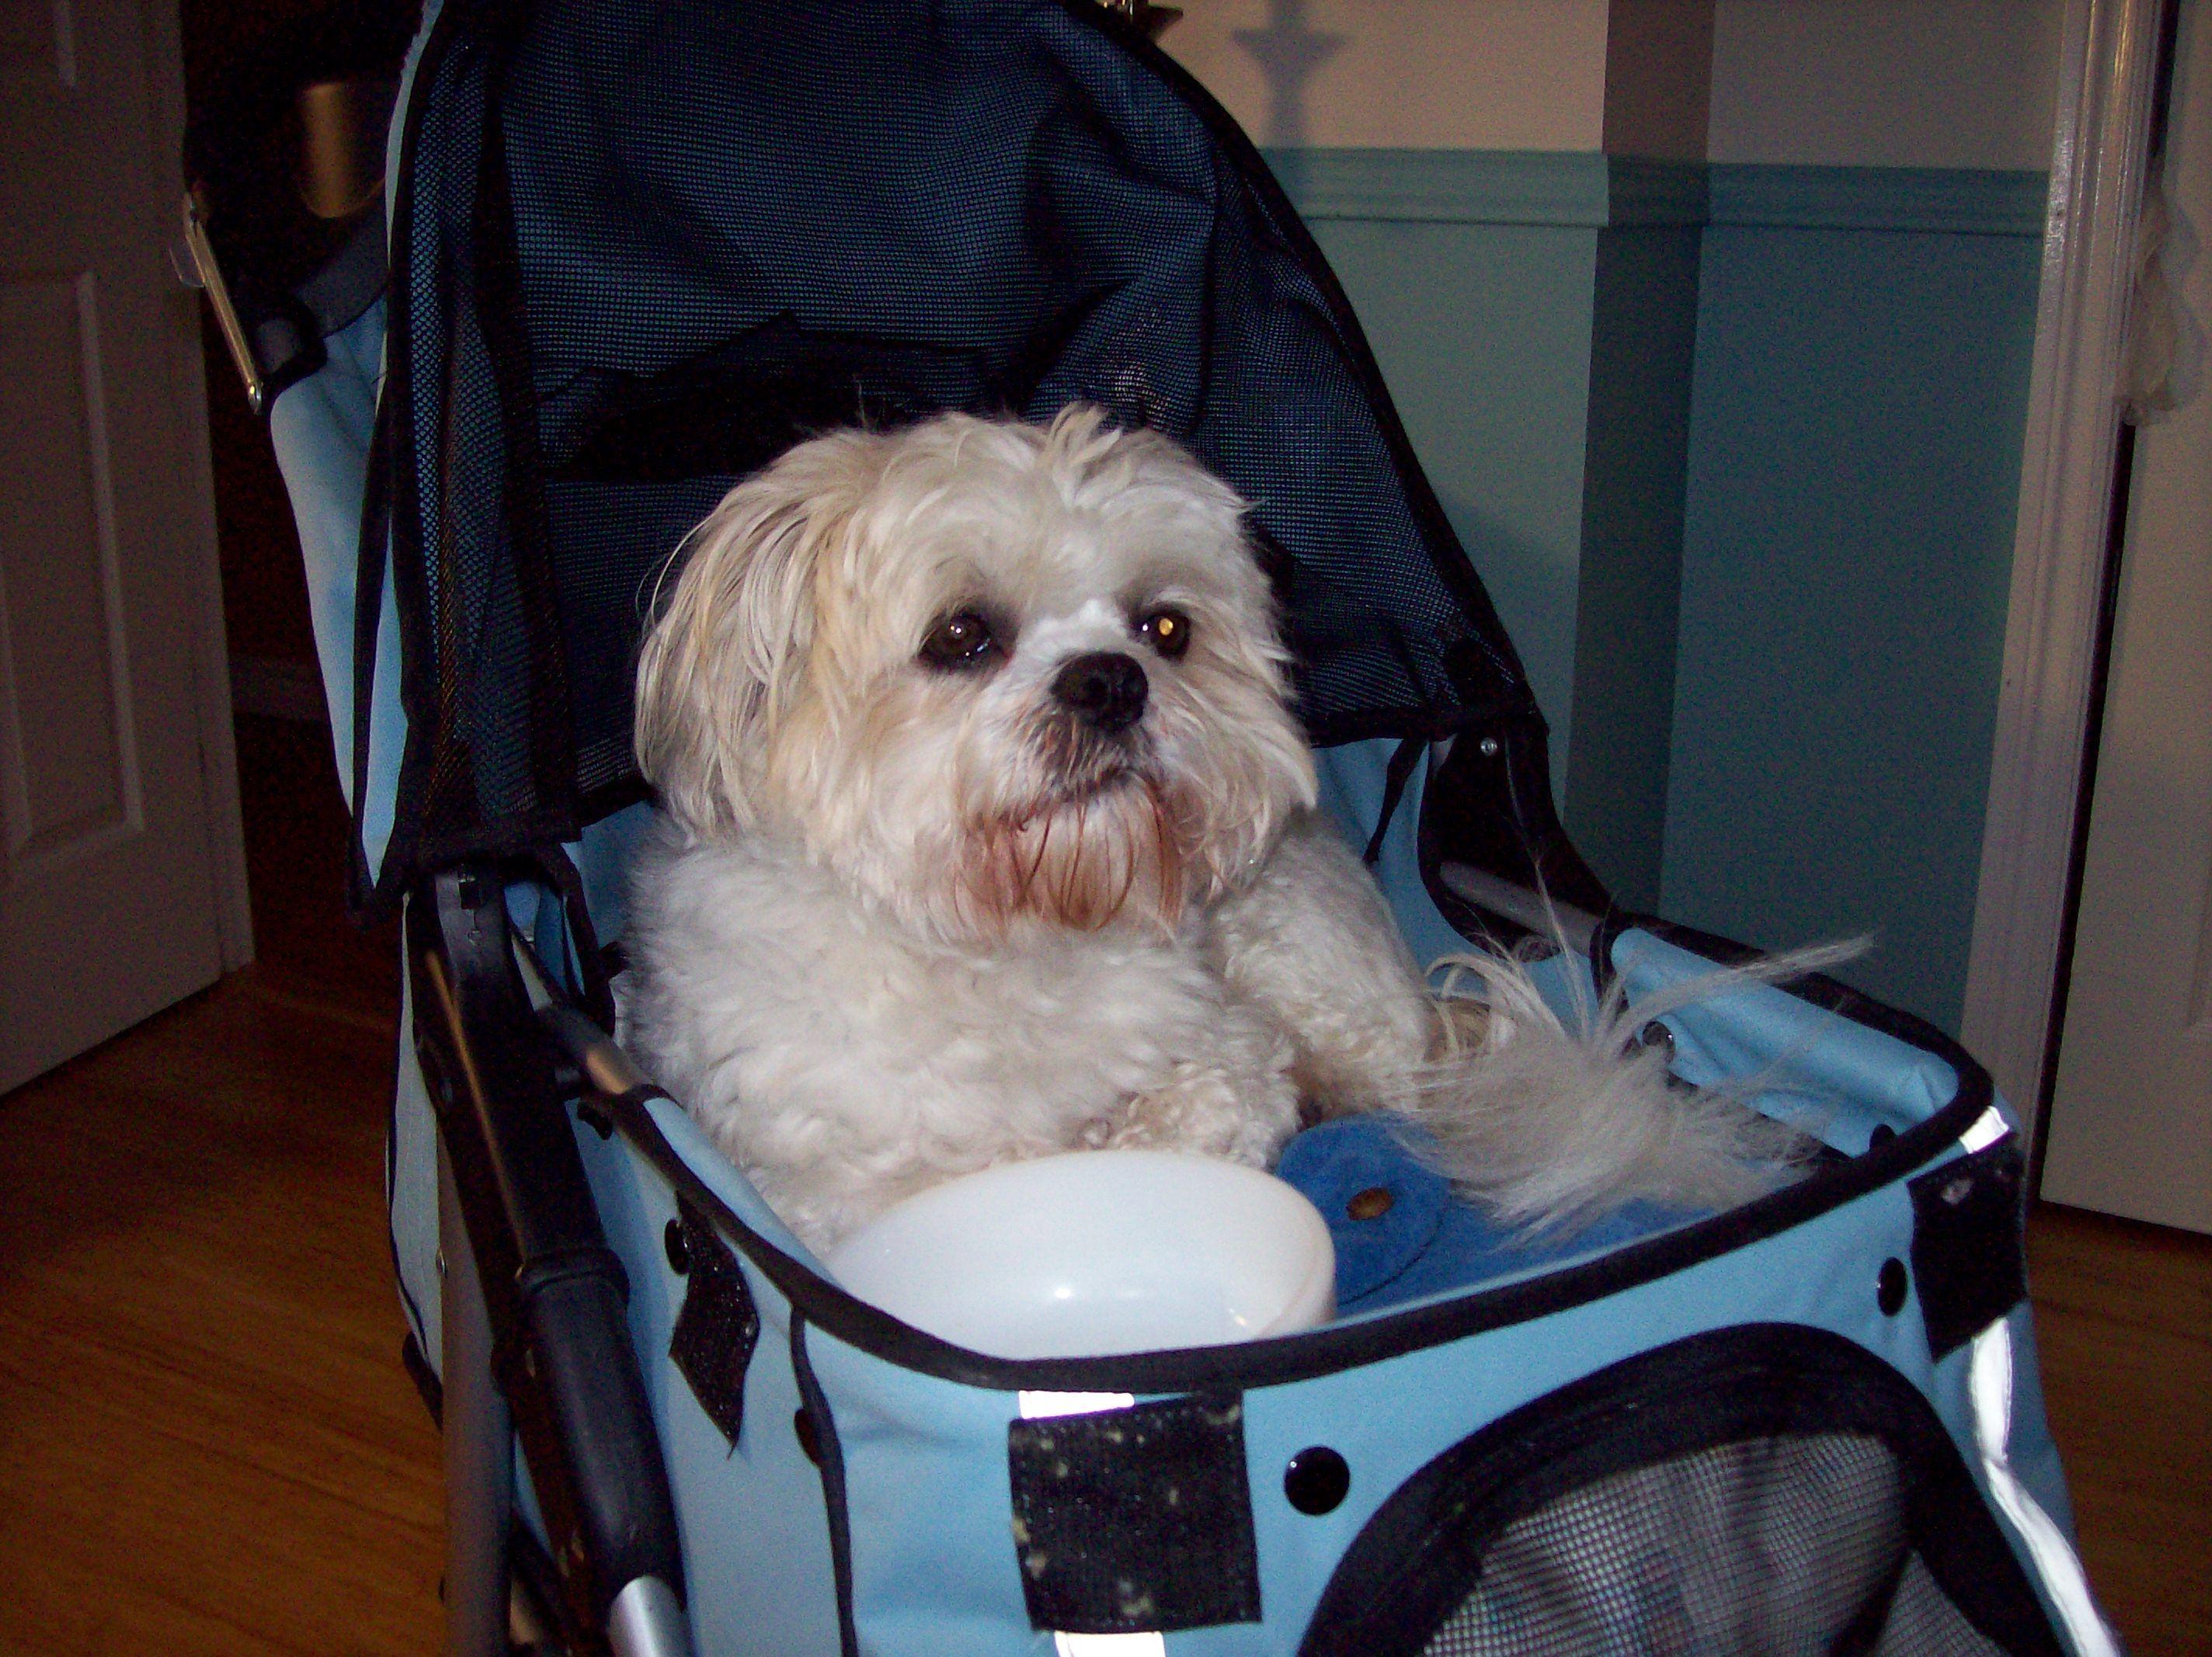 For A Comfortable Ride Dog stroller, Pet stroller, Shih tzu